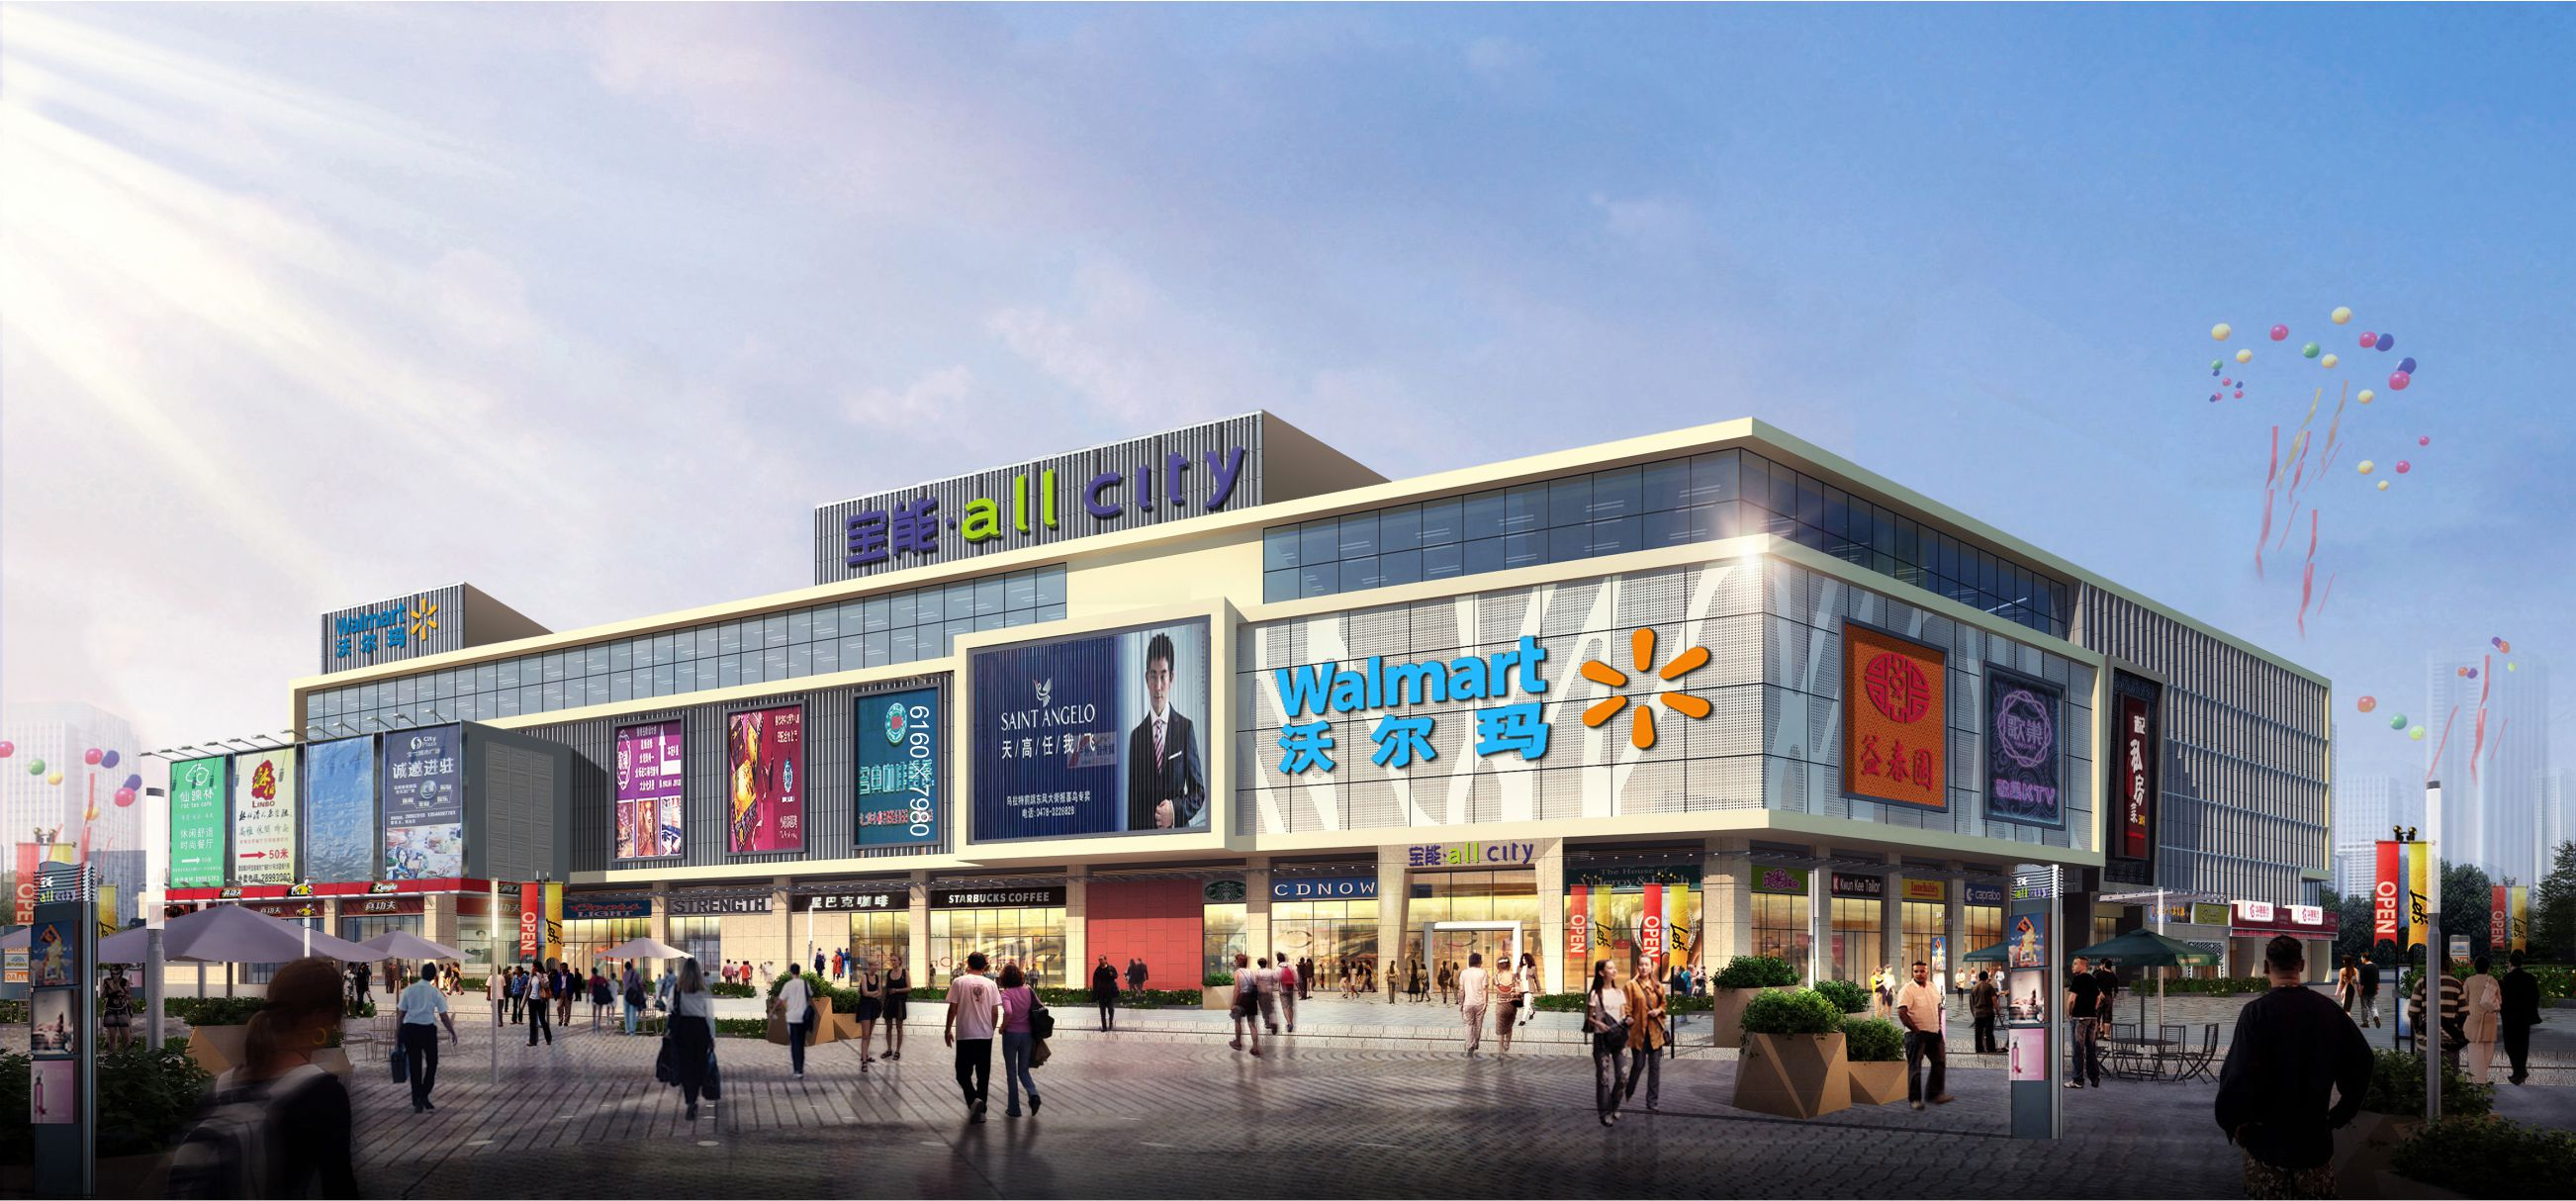 深圳宝�:/��8��x��kX_深圳宝能·all city购物中心龙岗店